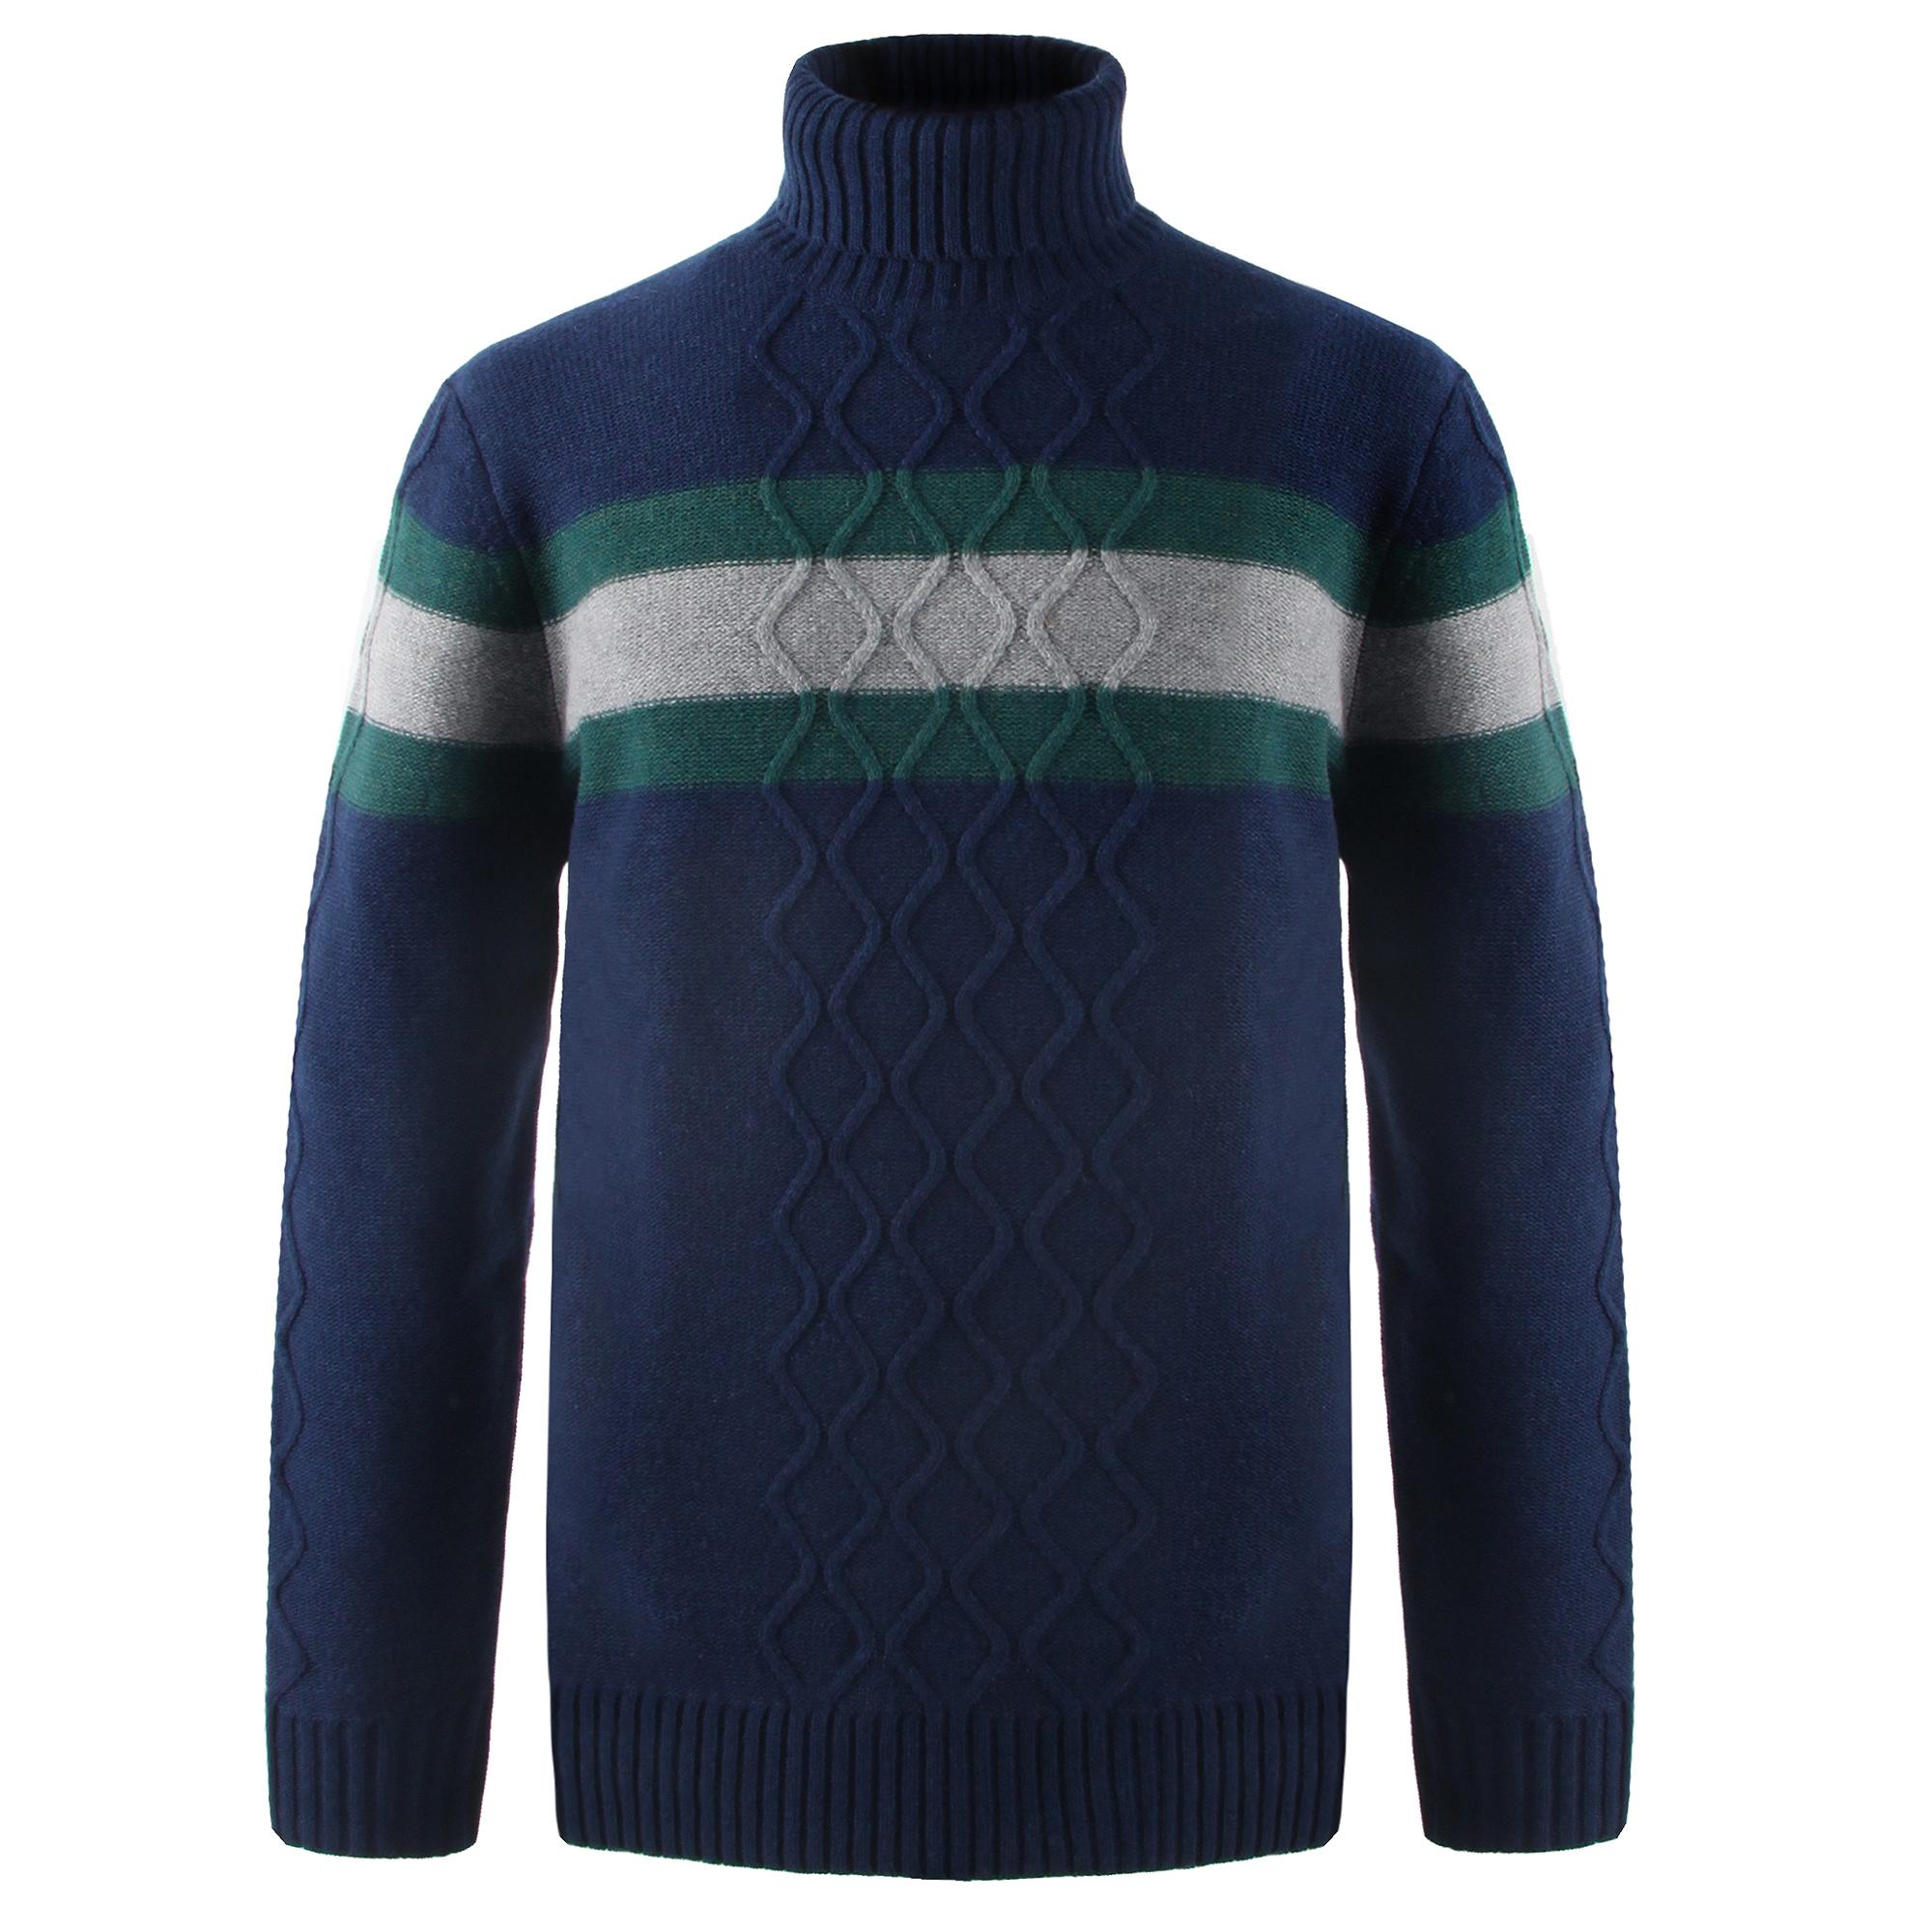 vendita ufficiale vendita calda reale raccolto Gutteridge - La collezione Winter 2018-19 per il gentleman ...